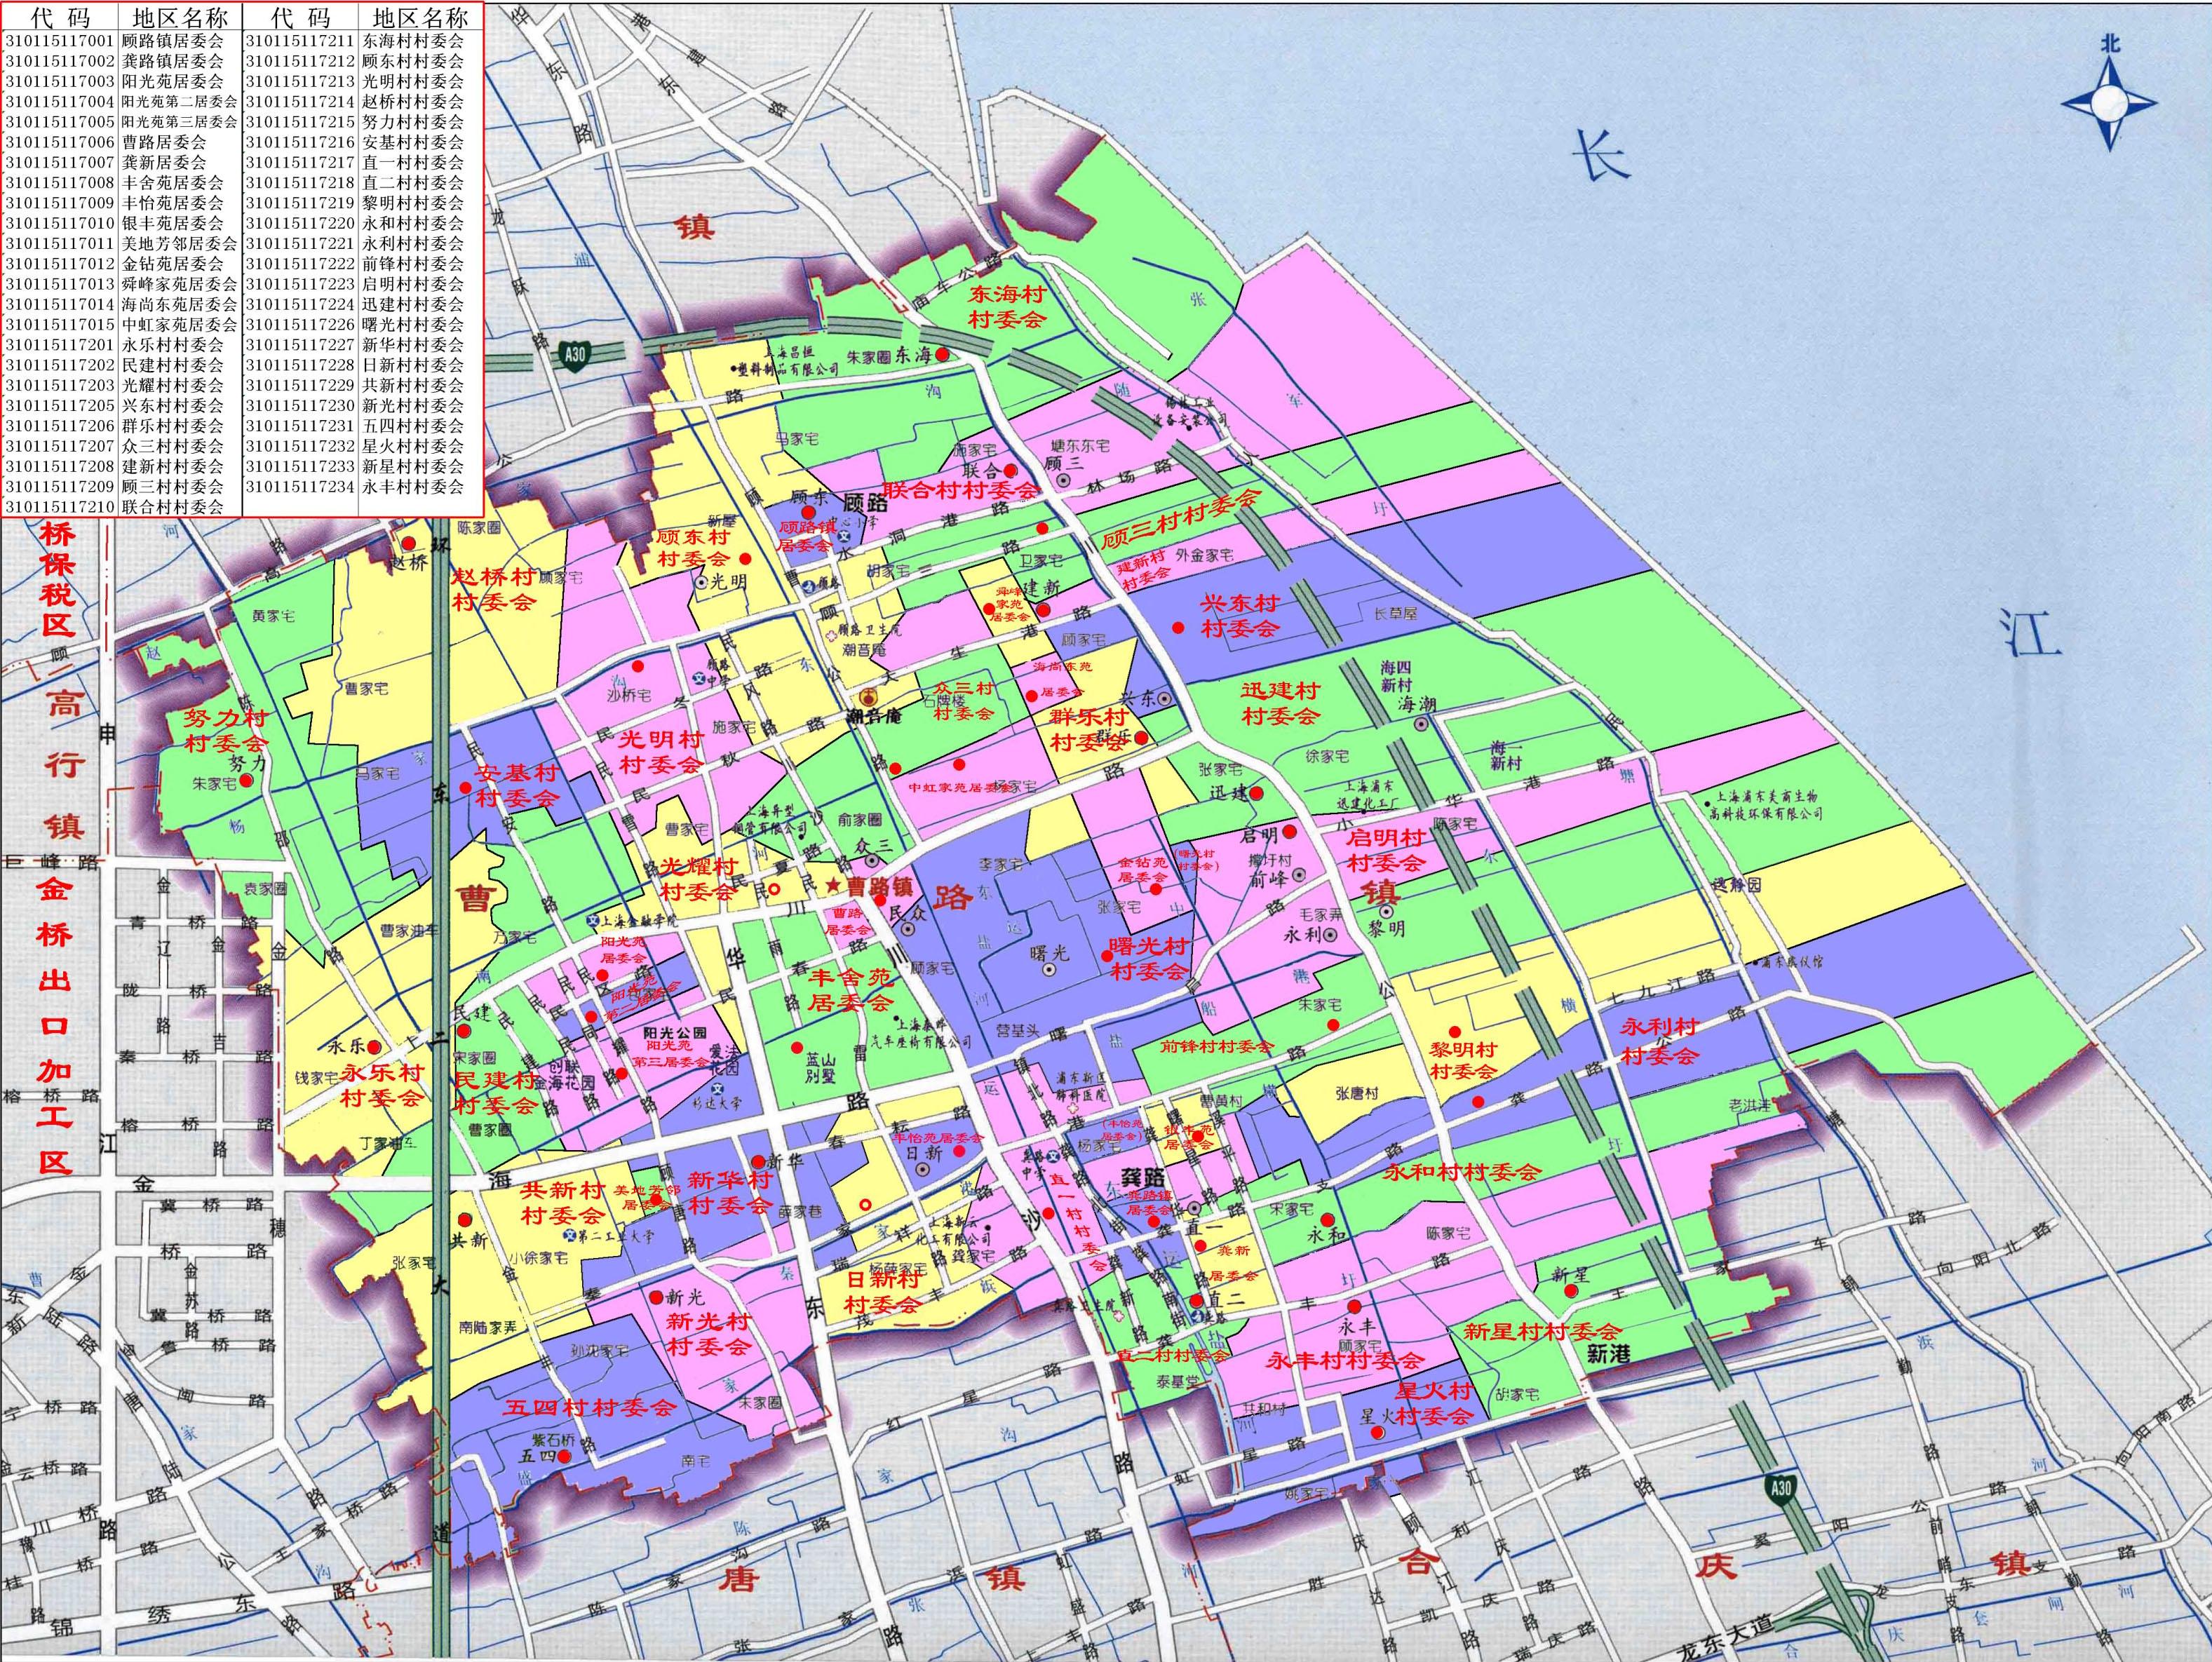 上海市浦东区_上海浦东新区地图相关图片展示_上海浦东新区地图图片下载